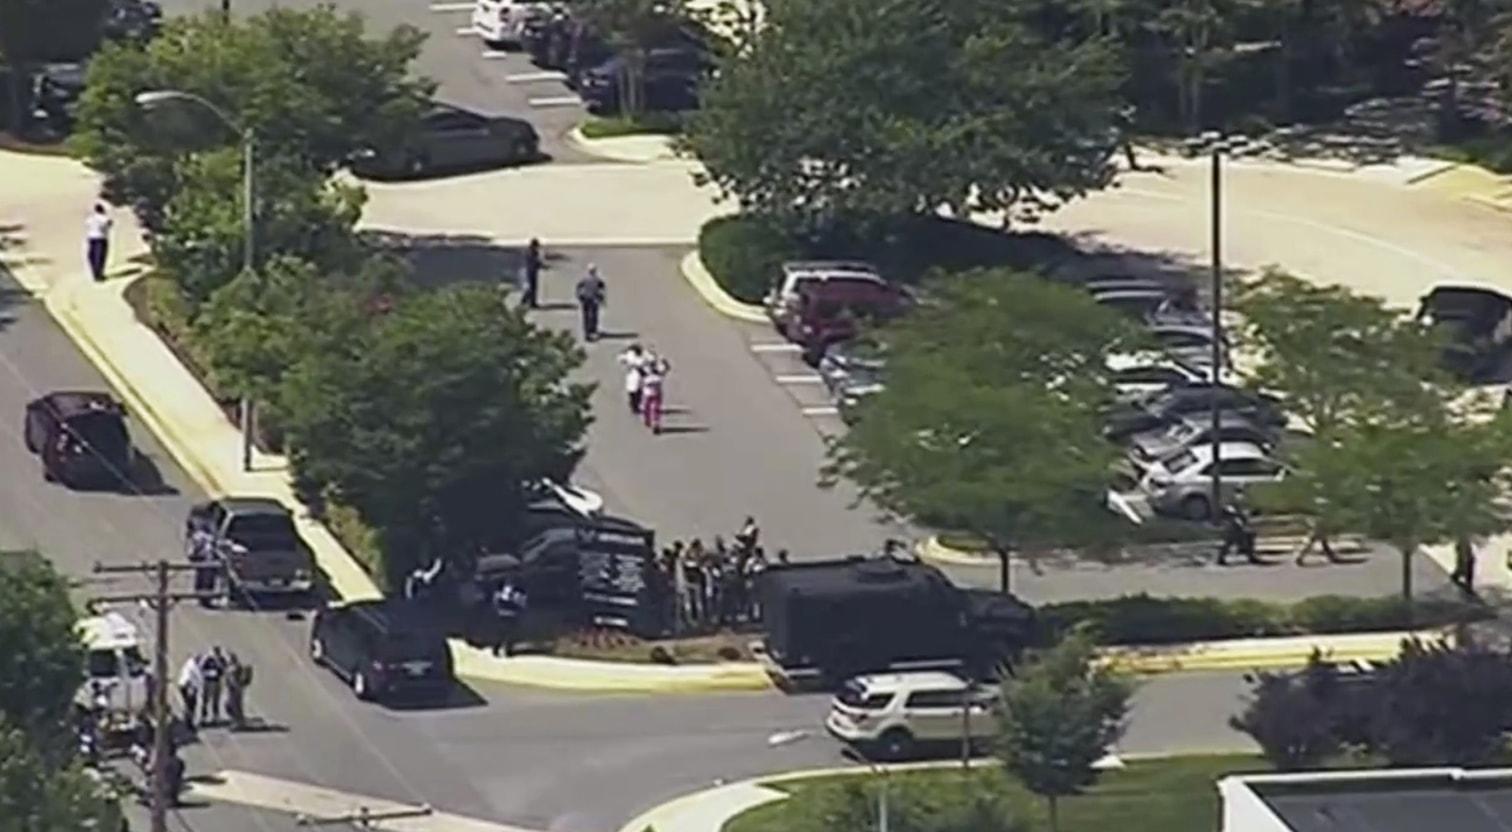 <p>In der Redaktion einer Lokalzeitung in der US-Stadt Annapolis sind am Donnerstag mindestens fünf Menschen erschossen worden. Die Polizei geht von einem Einzeltäter aus. Er sei festgenommen worden und werde vernommen. Mehrere Menschen erlitten Verletzungen